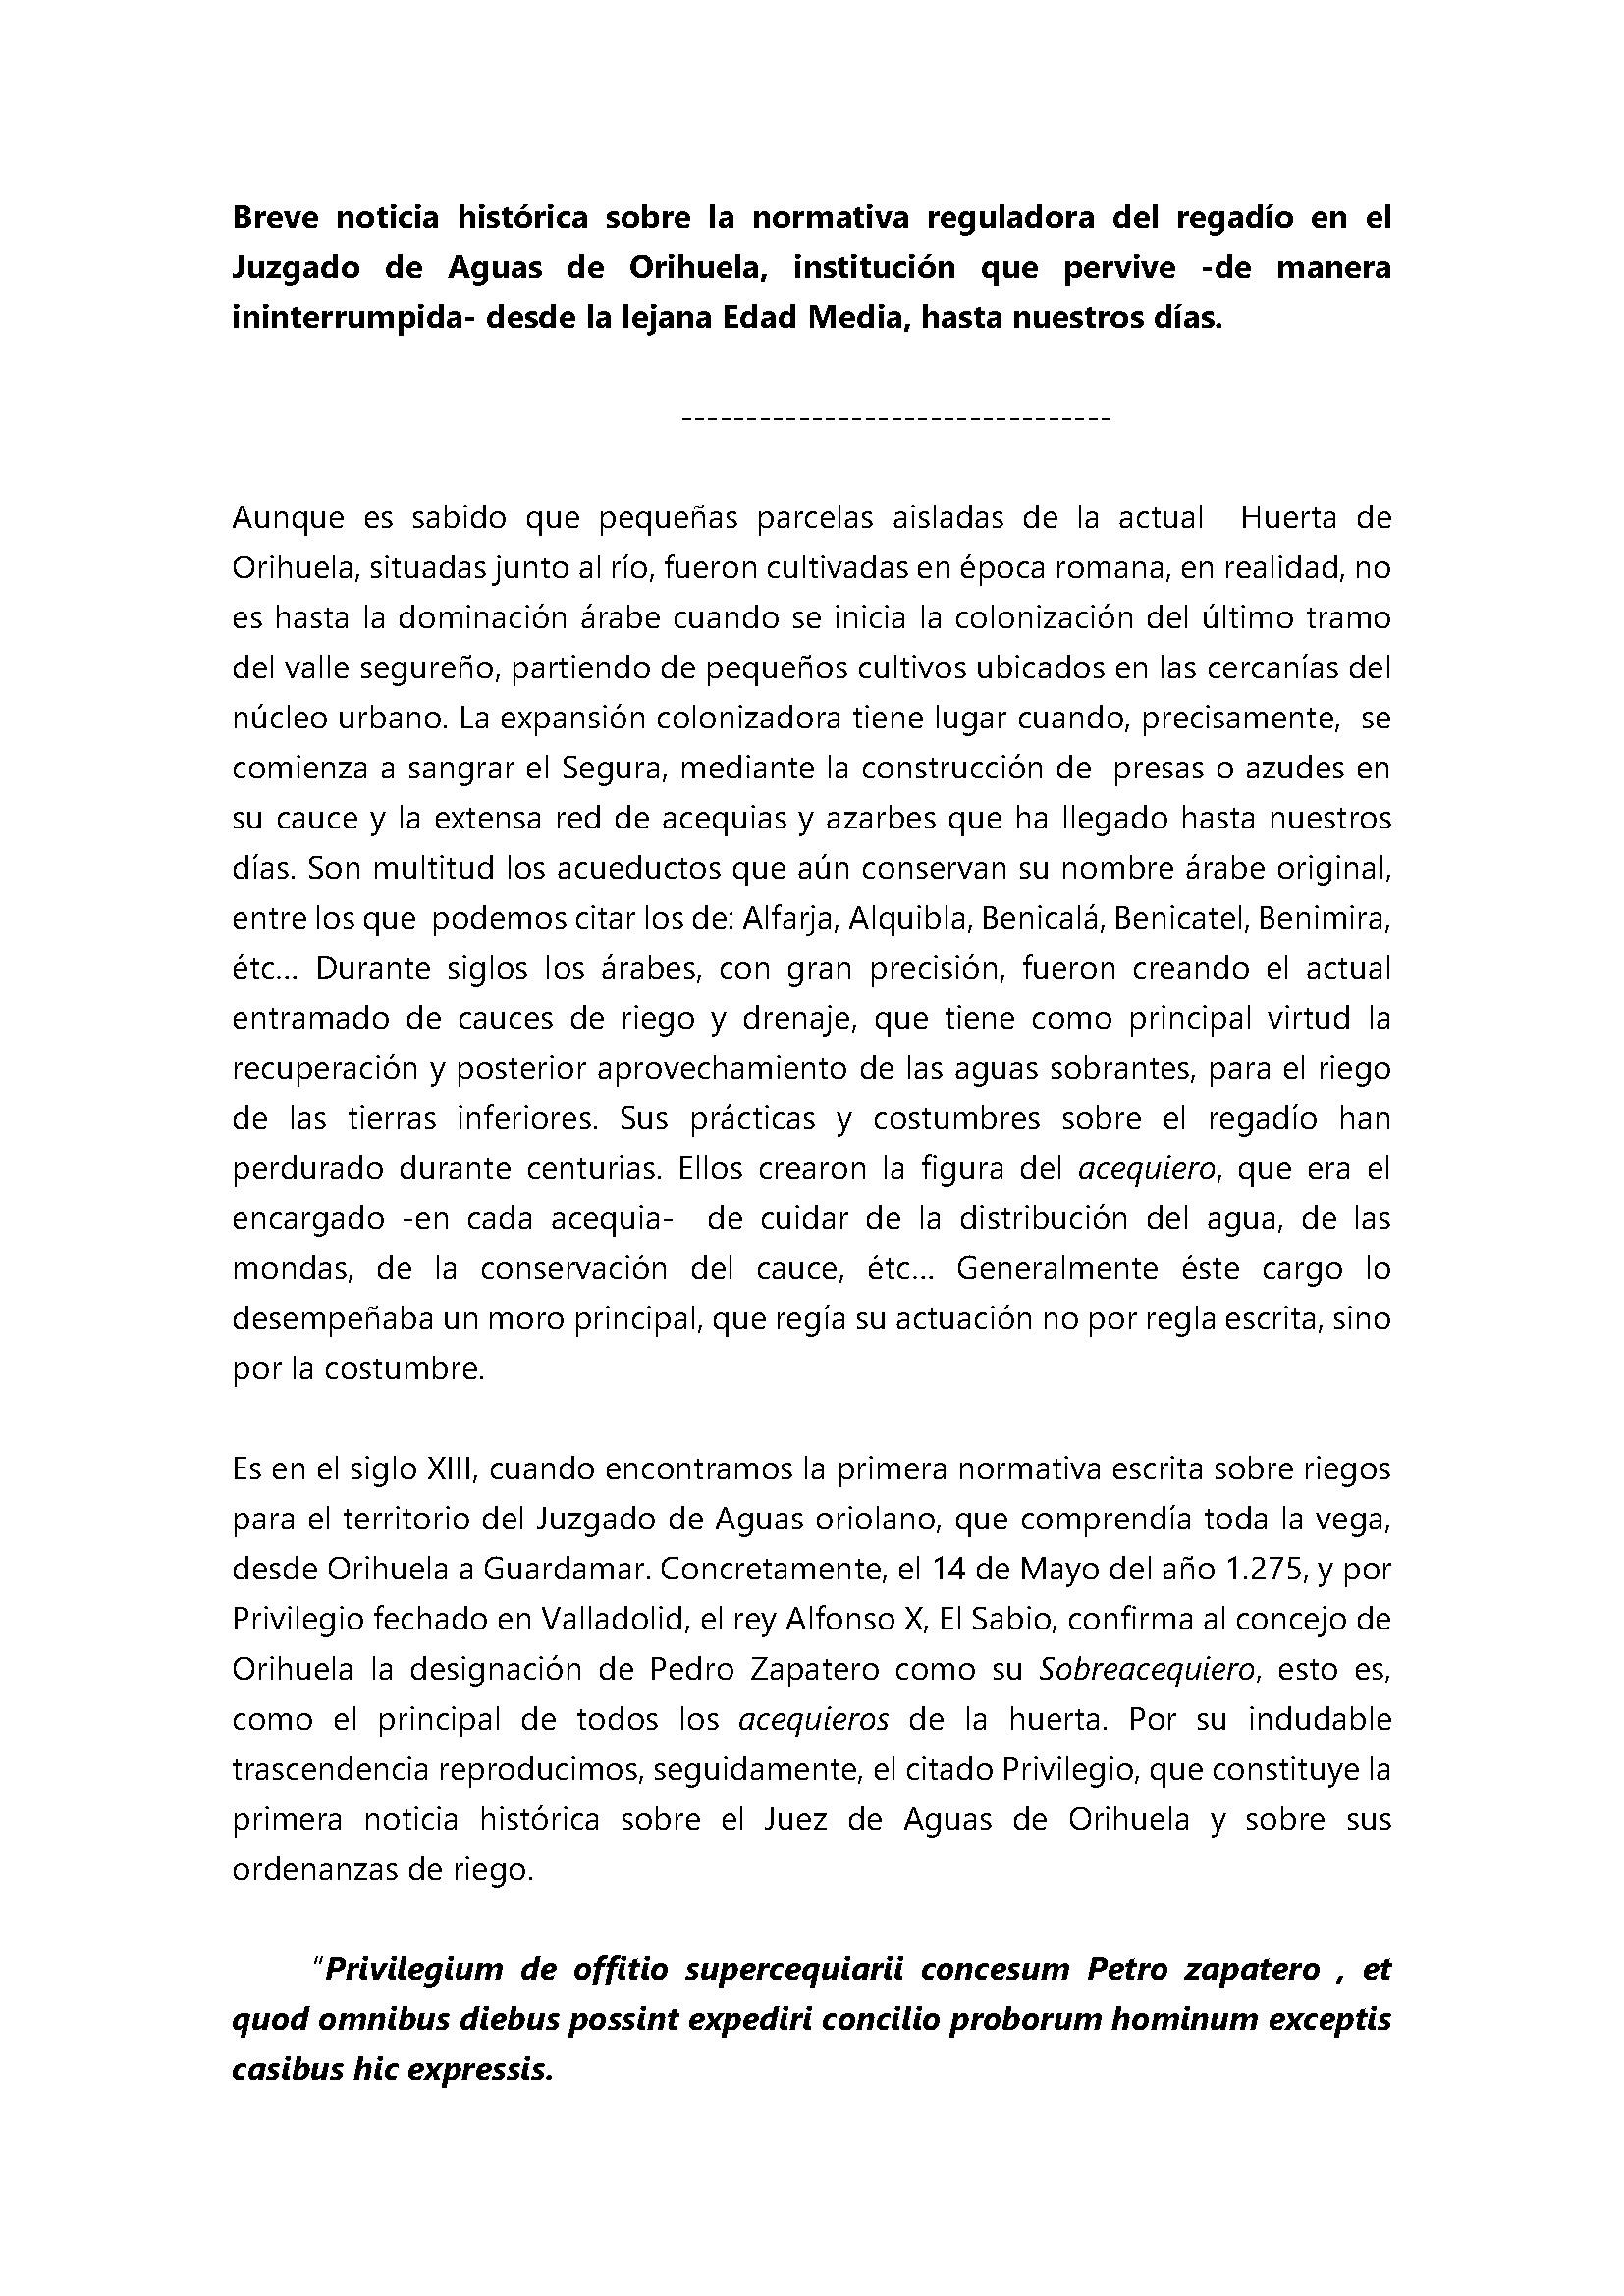 Breve noticia histórica sobre la normativa reguladora del regadío en el Juzgado de Aguas de Orihuela_Página_1